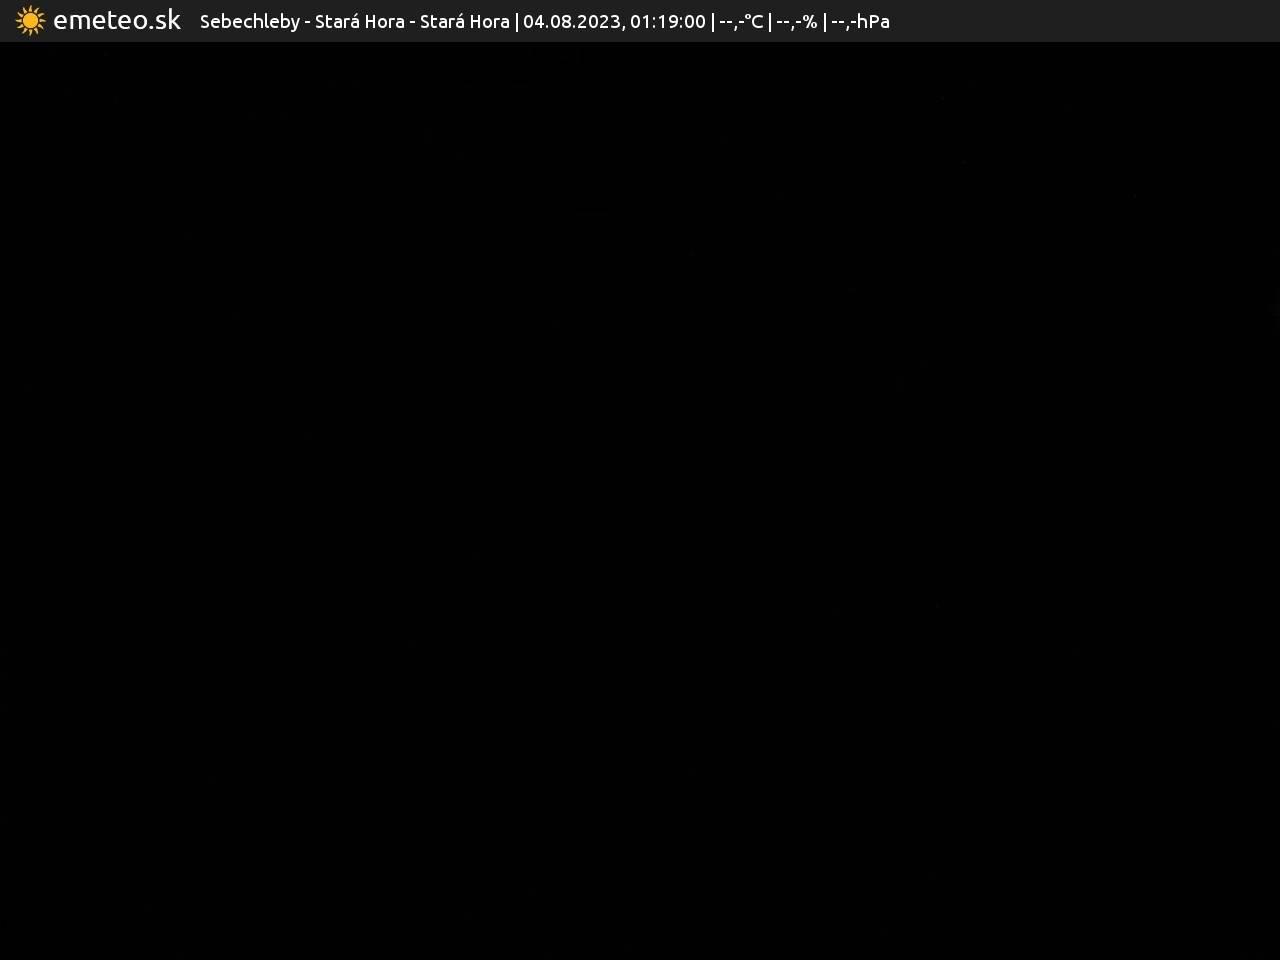 Webkamera Stará Hora